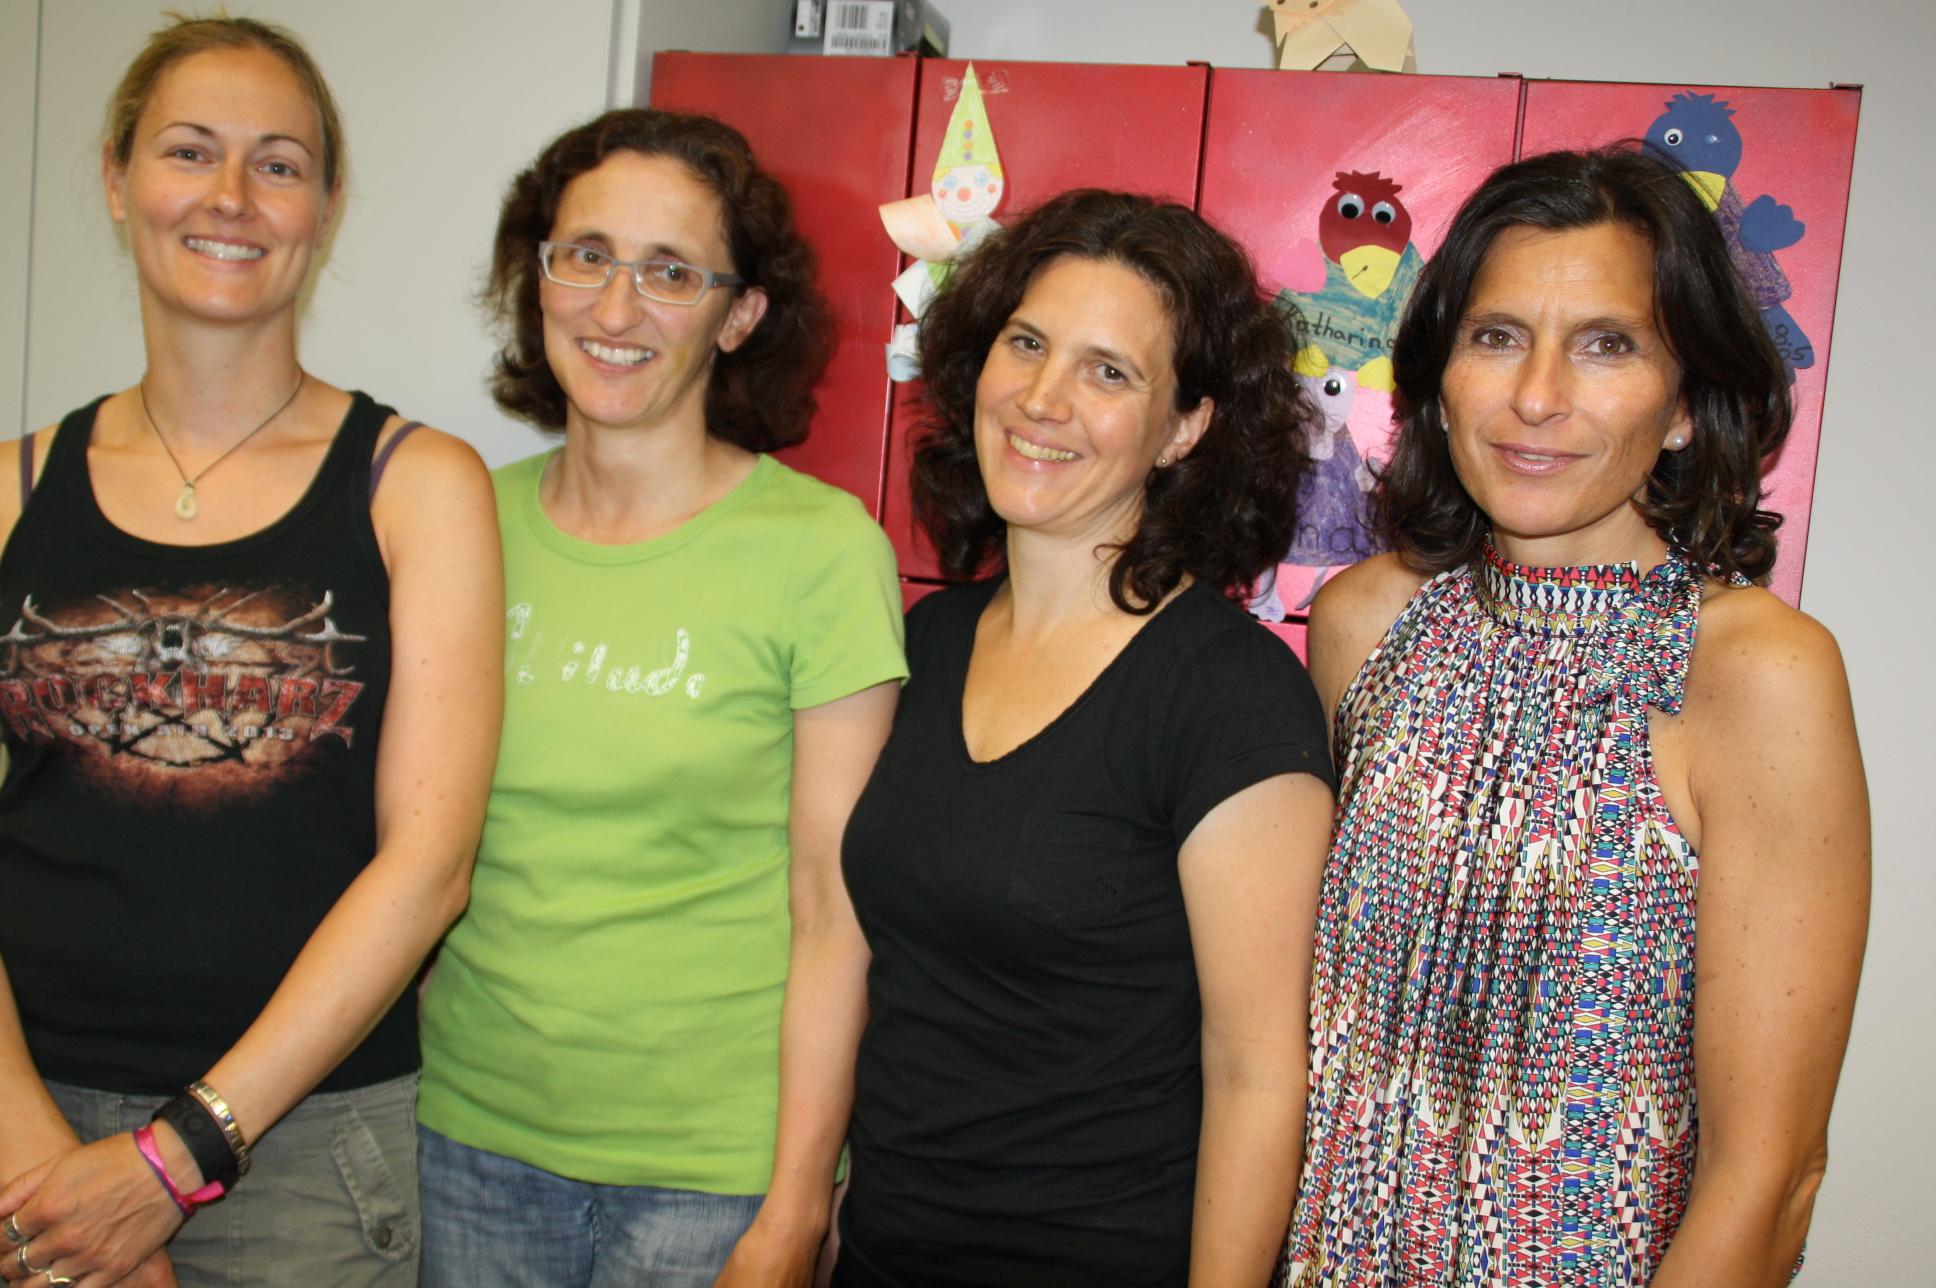 Die Vorstandschaft des Fördervereins (von links): Schatzmeisterin Christiane Ort, Beisitzerinnen Andrea Schick und Eva Preis, Protokollführerin Alexandra Ruck.